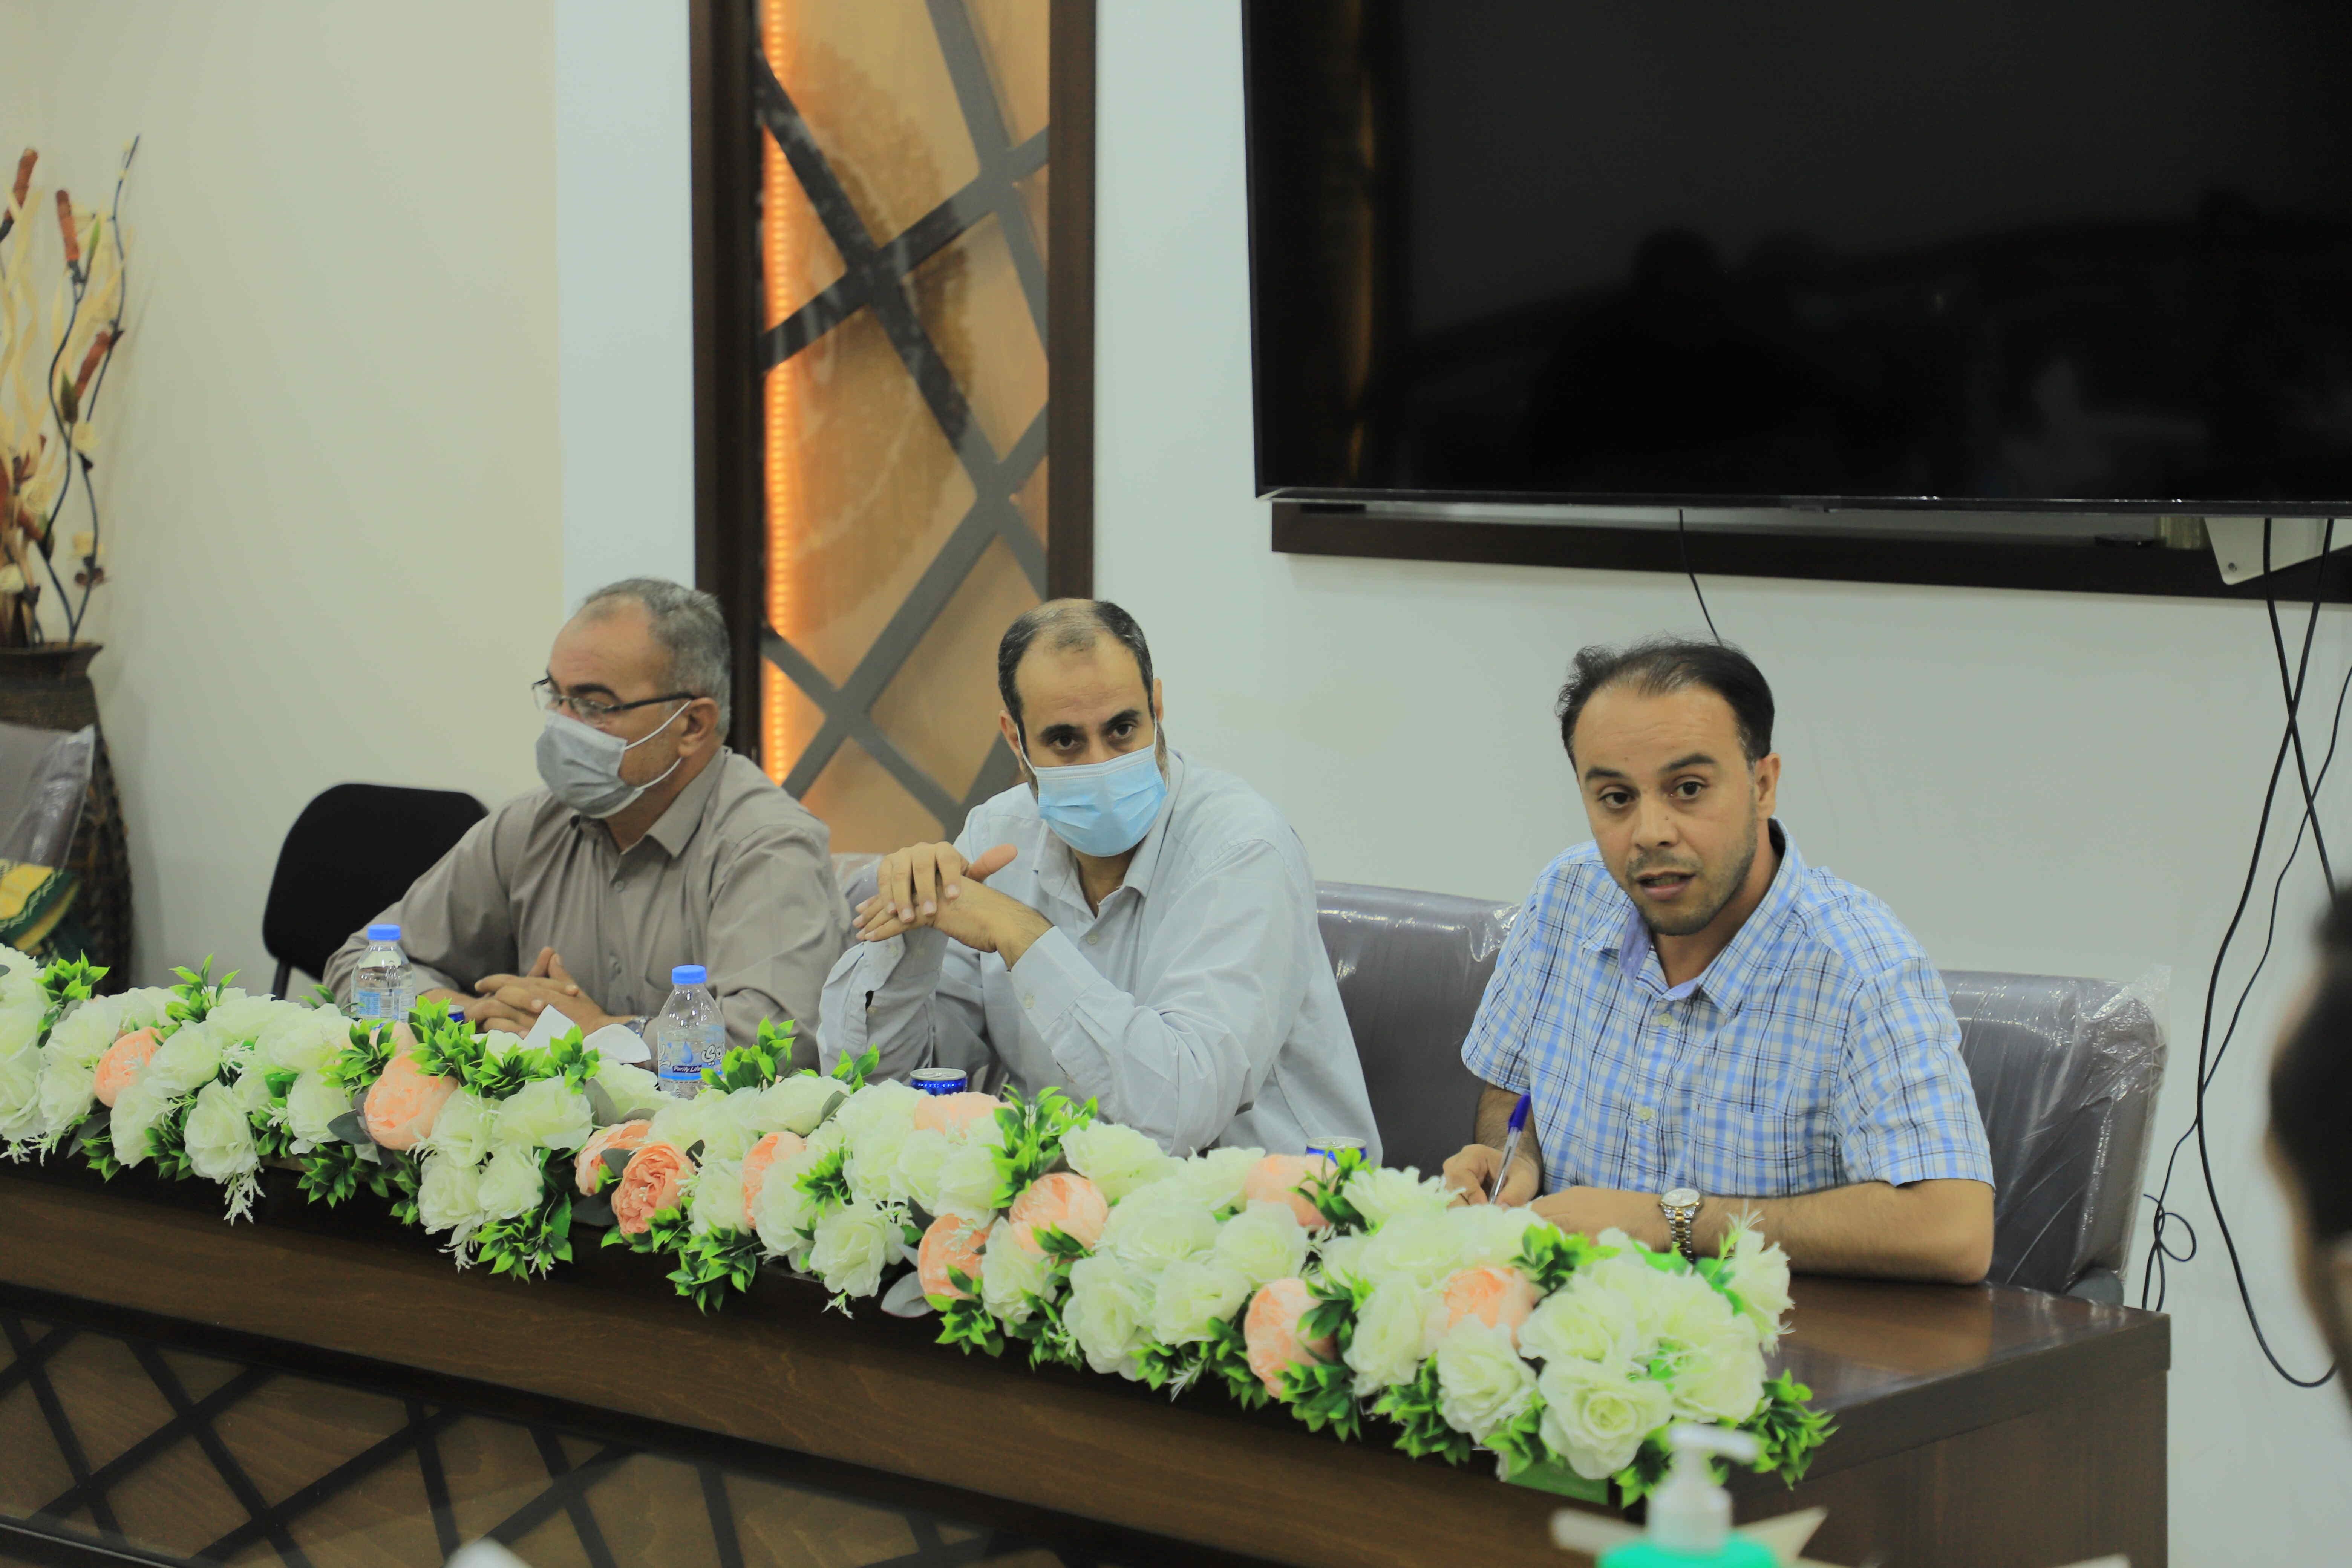 بلدية رفح تعقد لقاءً تشاركيًّا لتعزيز المشاركة والتواصل المجتمعي